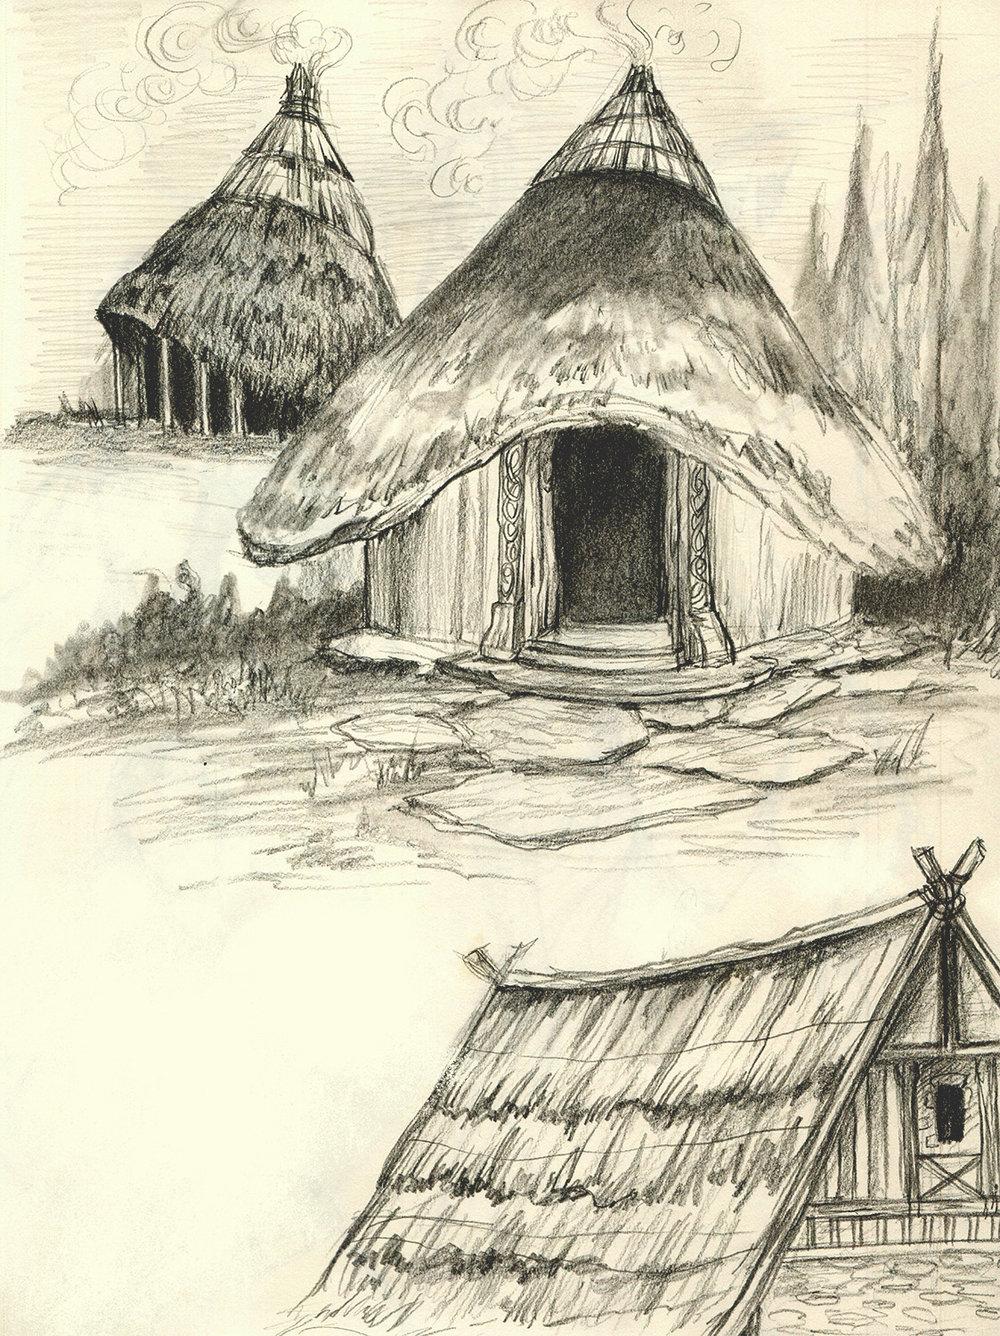 CottageSketch01.jpg